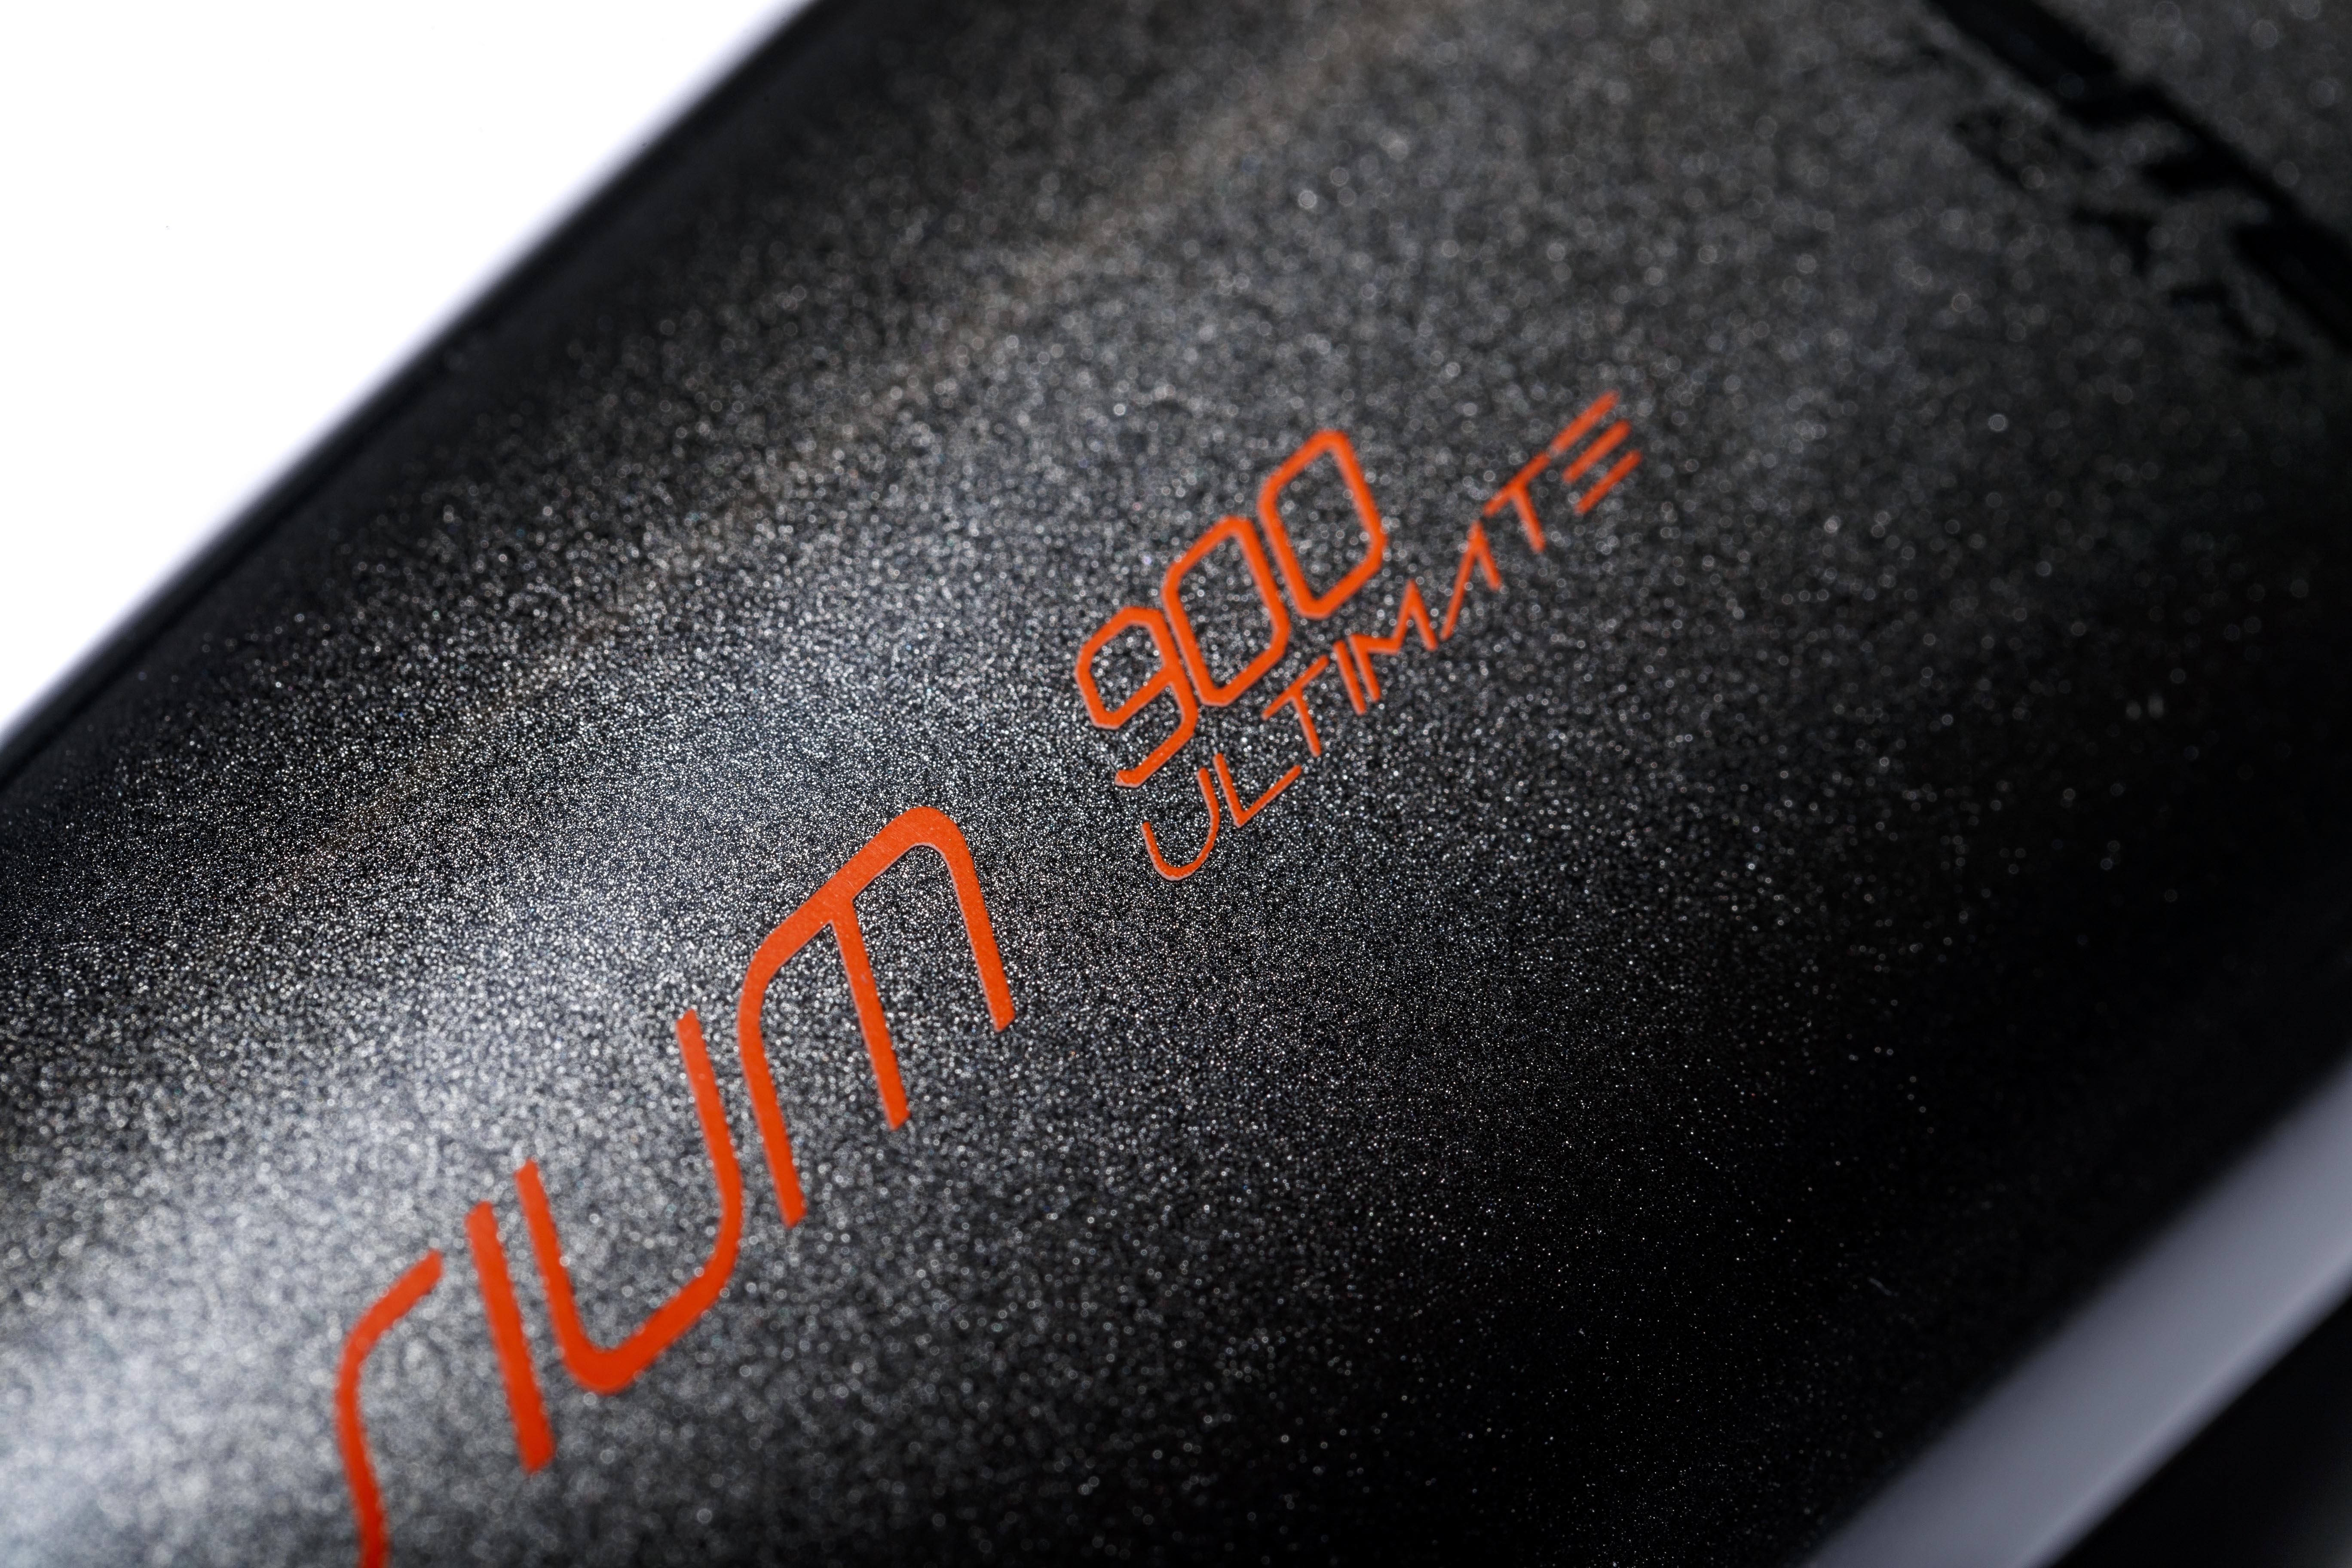 PULSIUM 900 Ultimate 2018